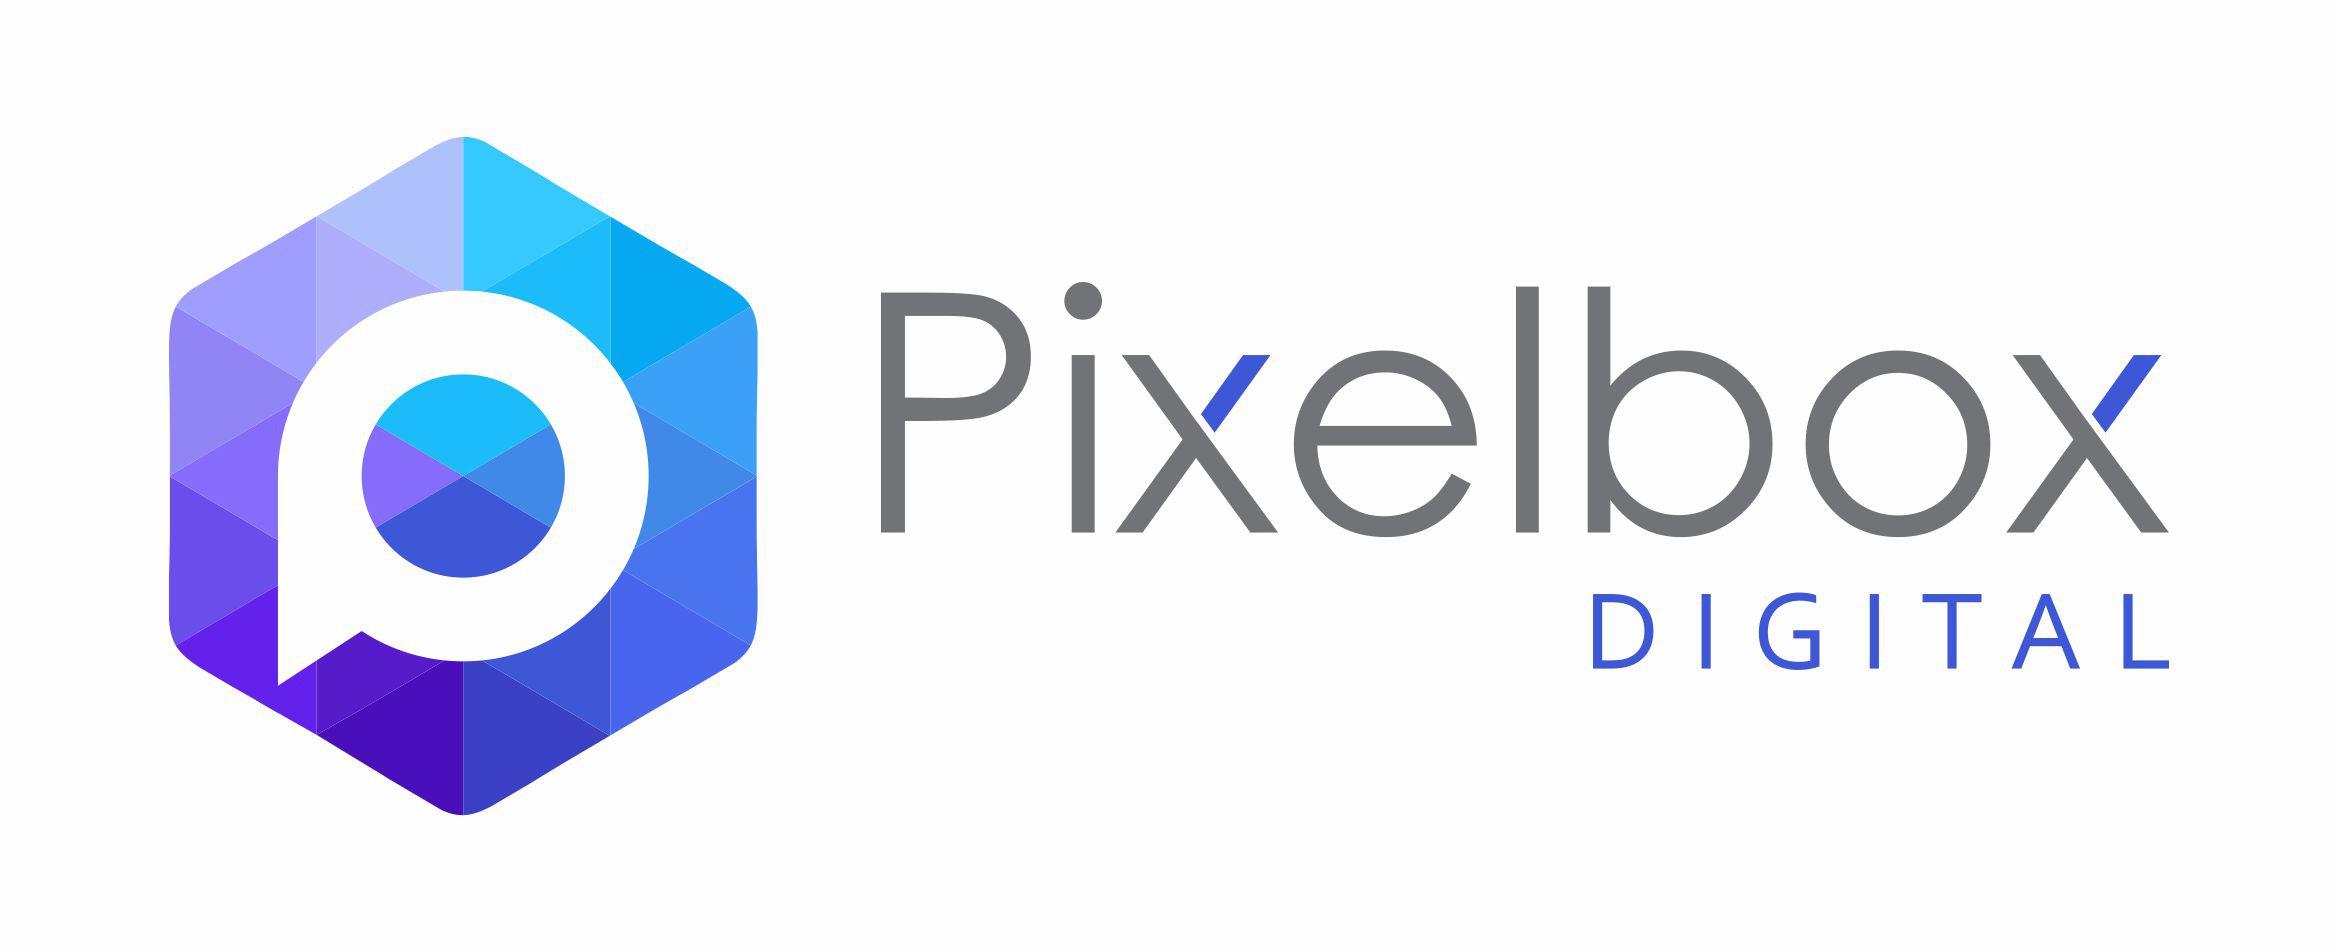 Design a clean, fresh, modern logo for a digital marketing company